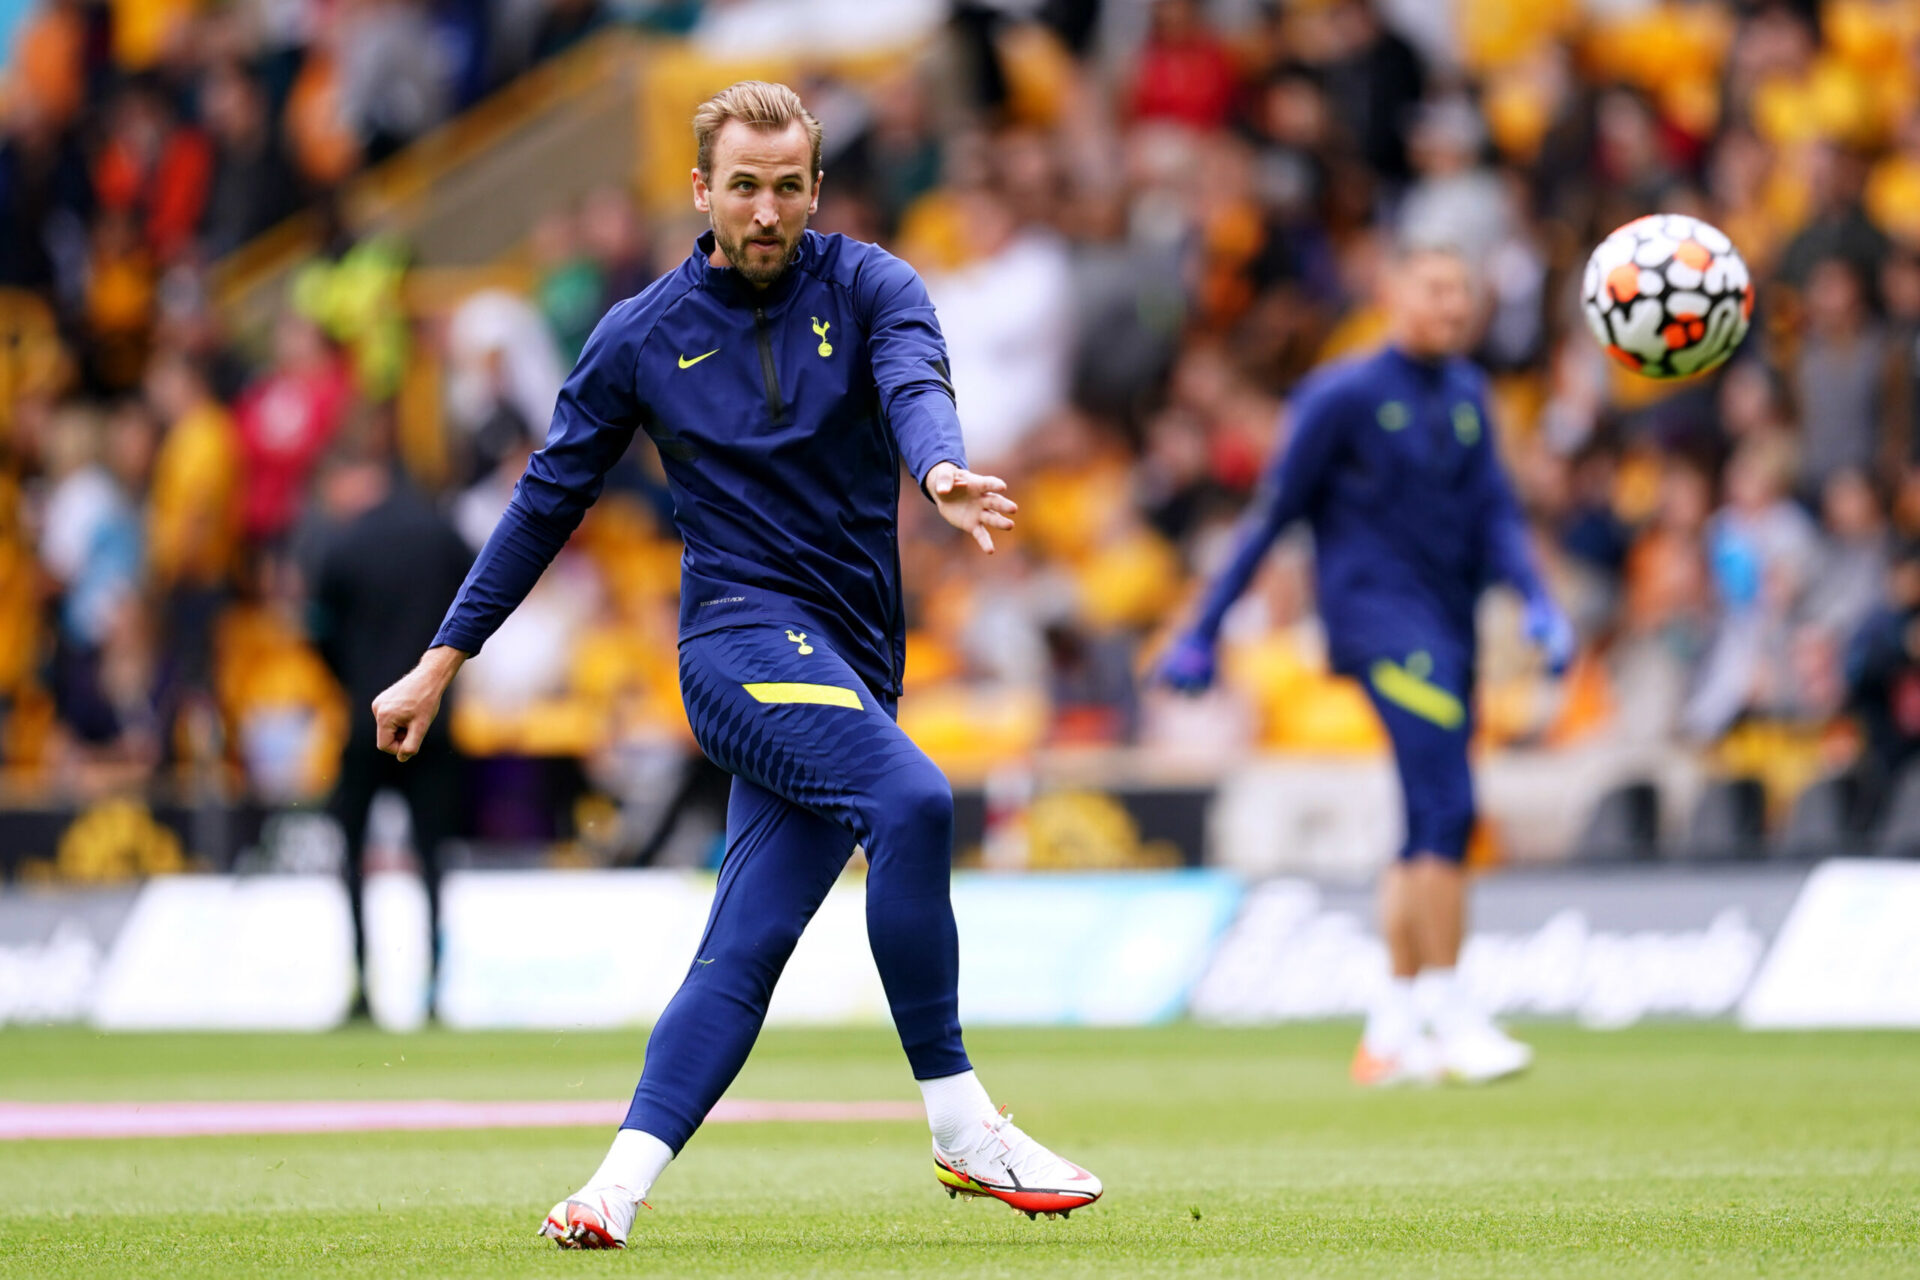 Résigné à l'idée de rester à Tottenham, Harry Kane souhaiterait une revalorisation de son salaire (IconSport)